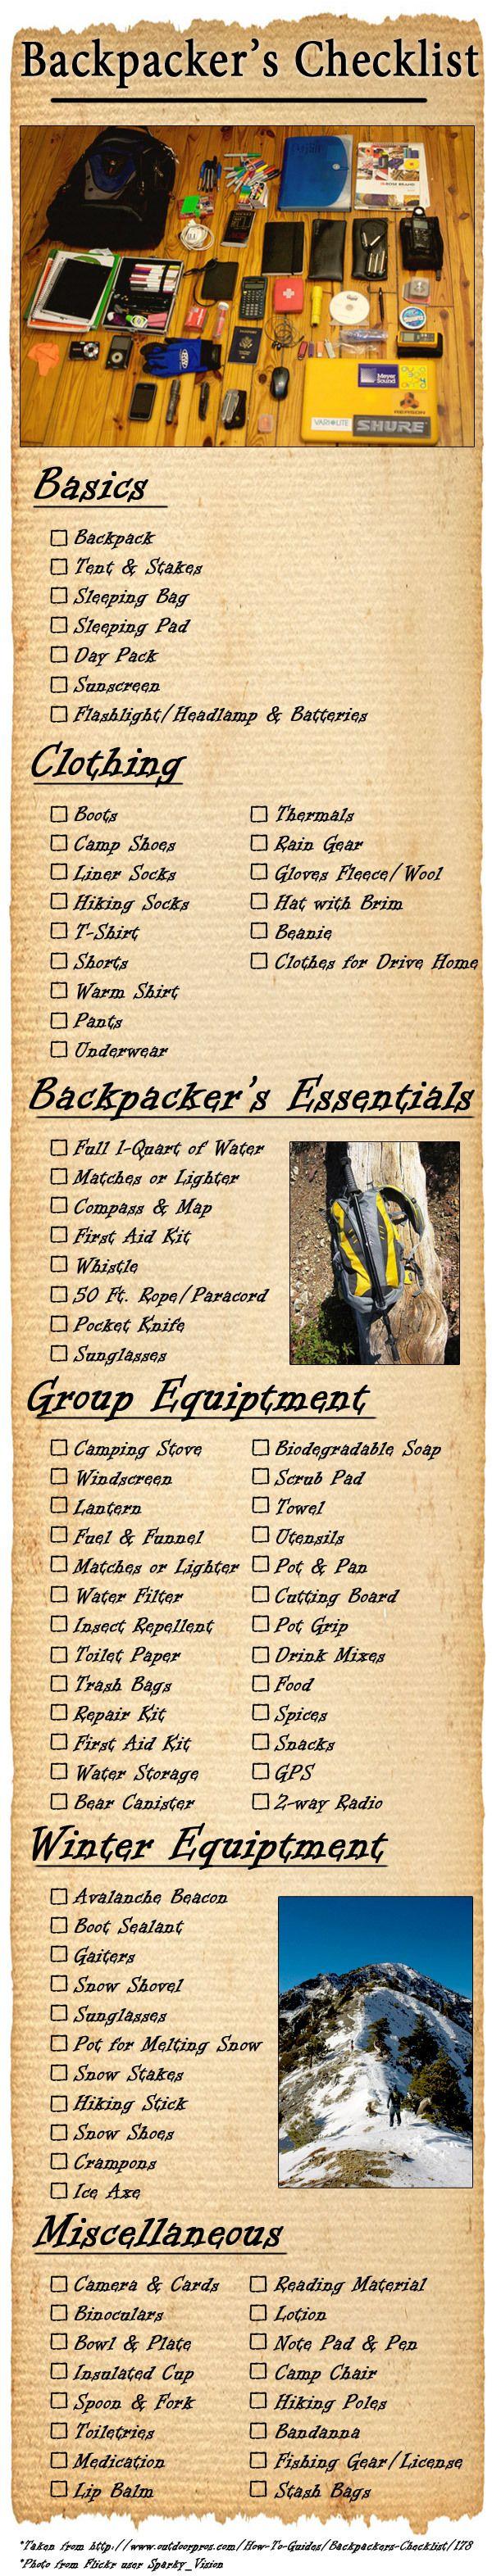 BackpackersChecklist_4fdf5f9b03e52